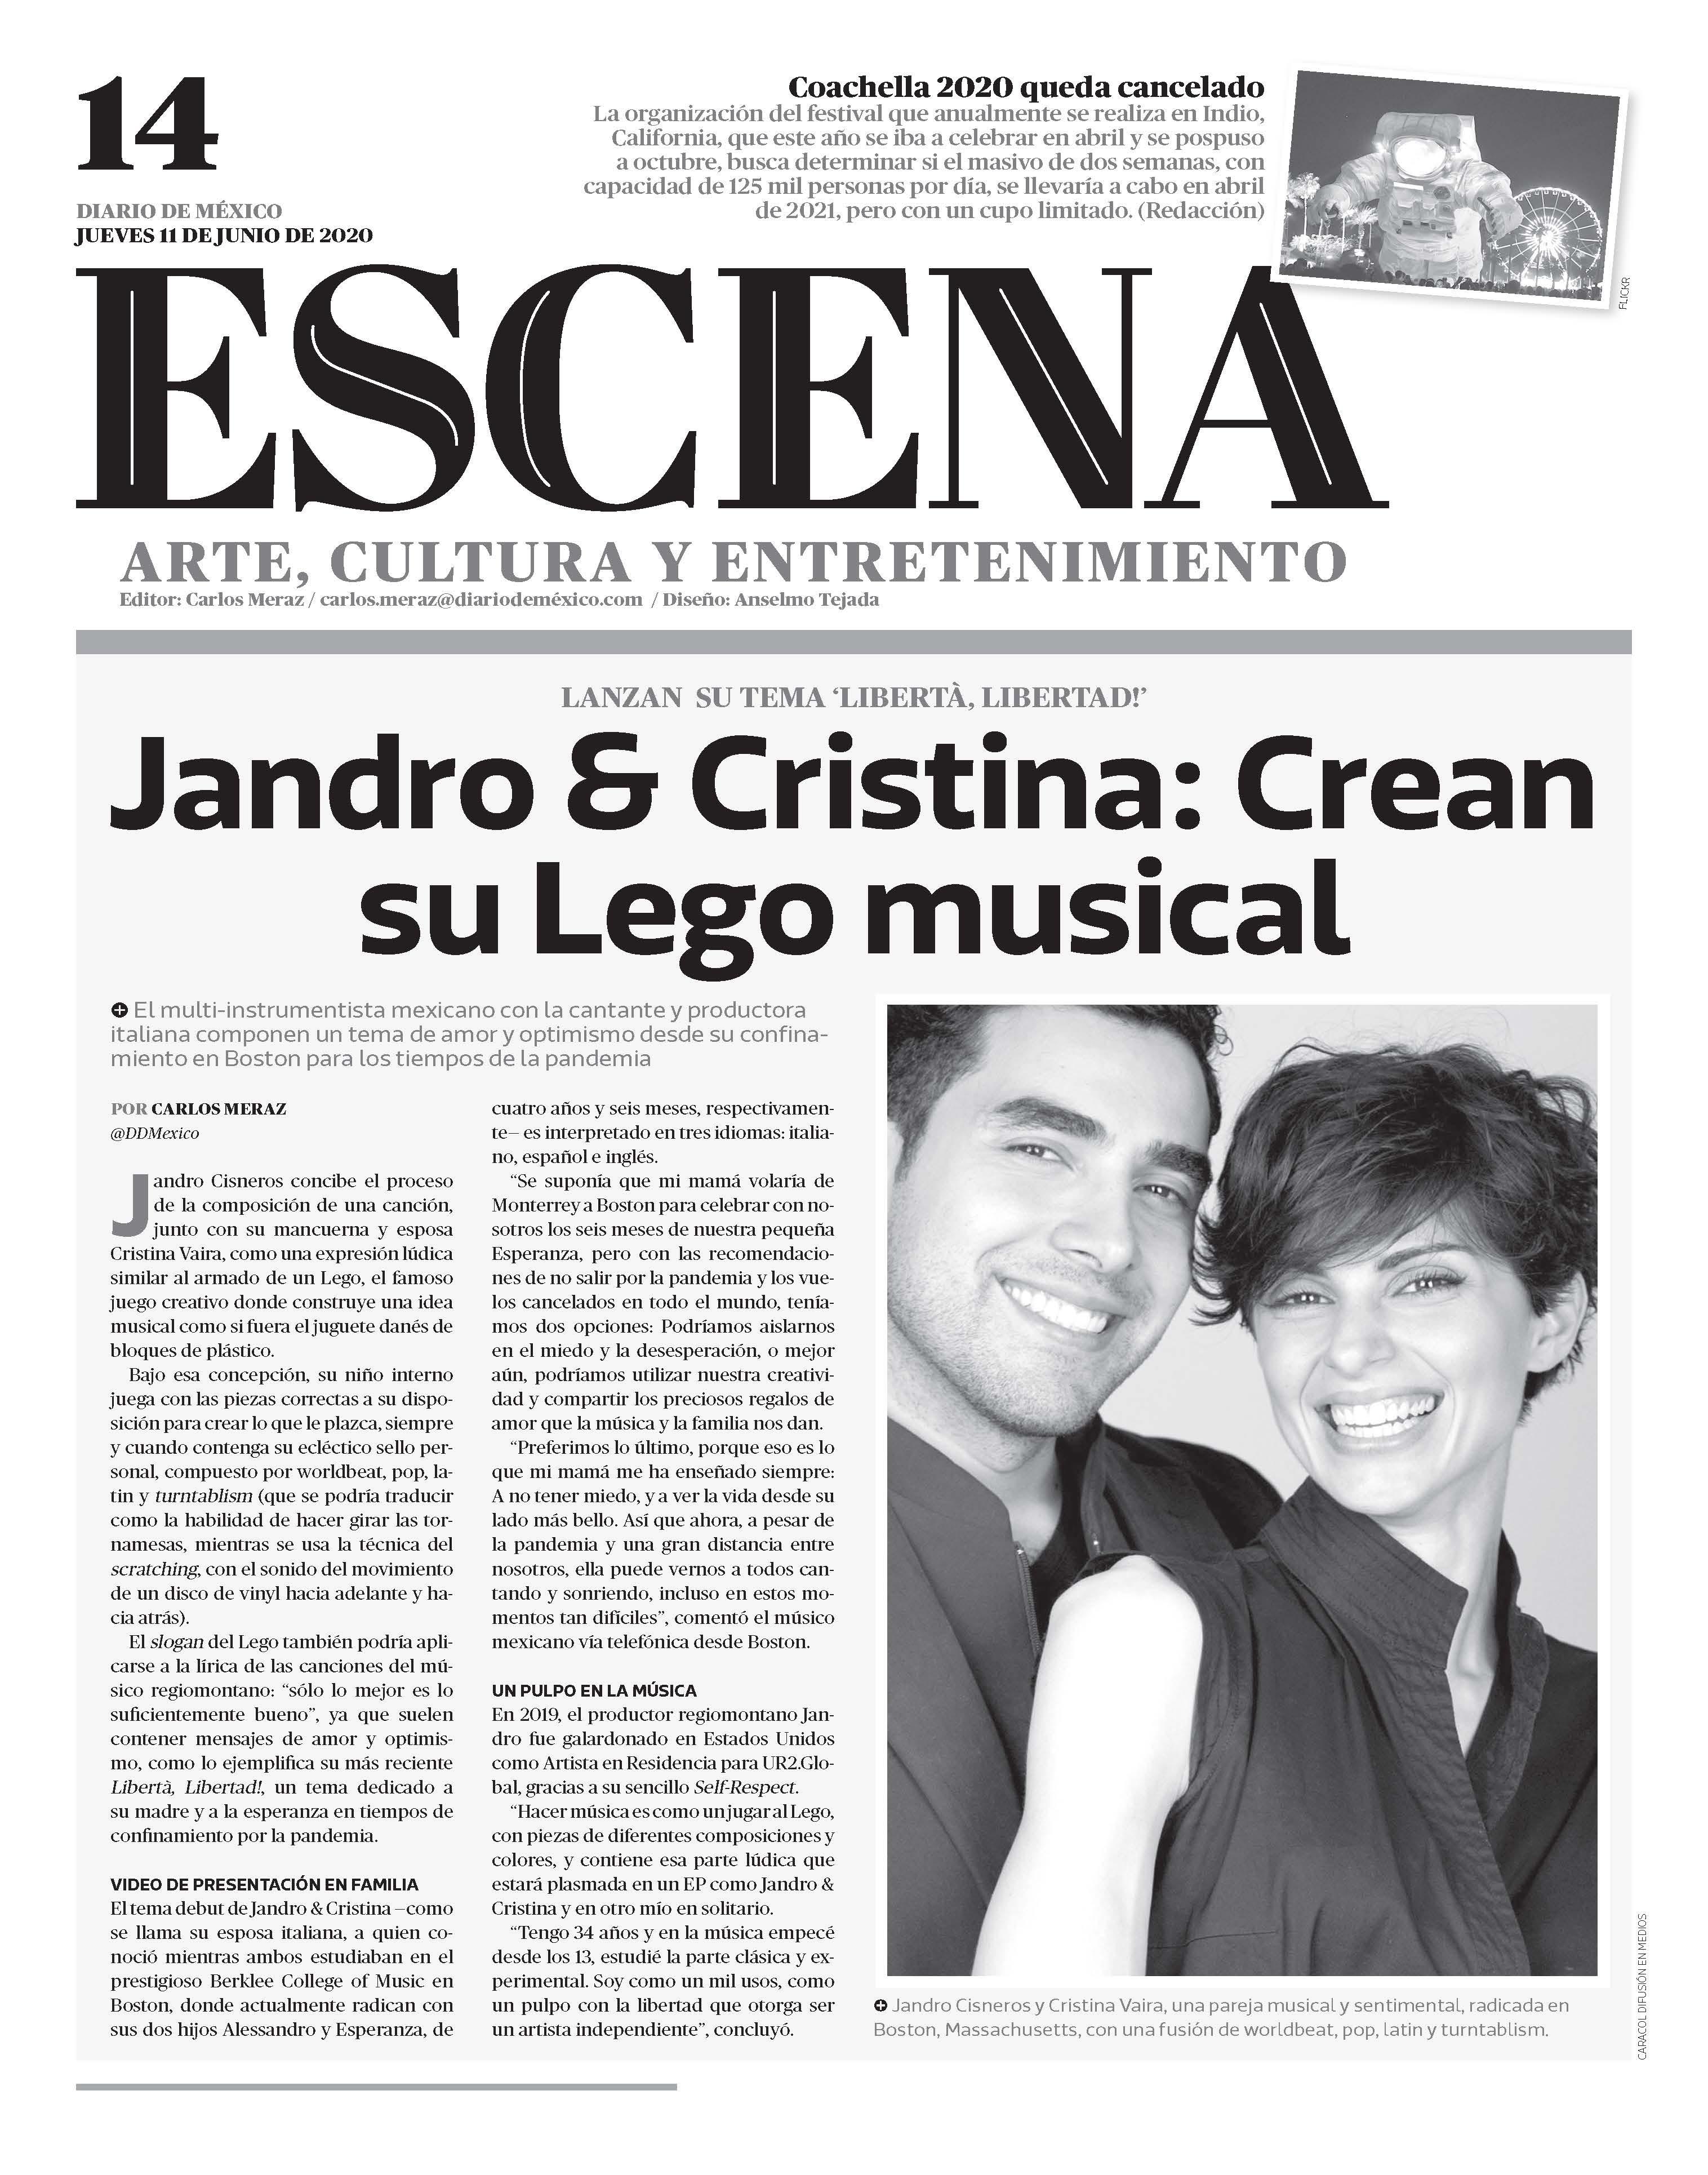 Diario de México – Jandro & Cristina: Crean su Lego musical en 'Libertà, Libertad!'